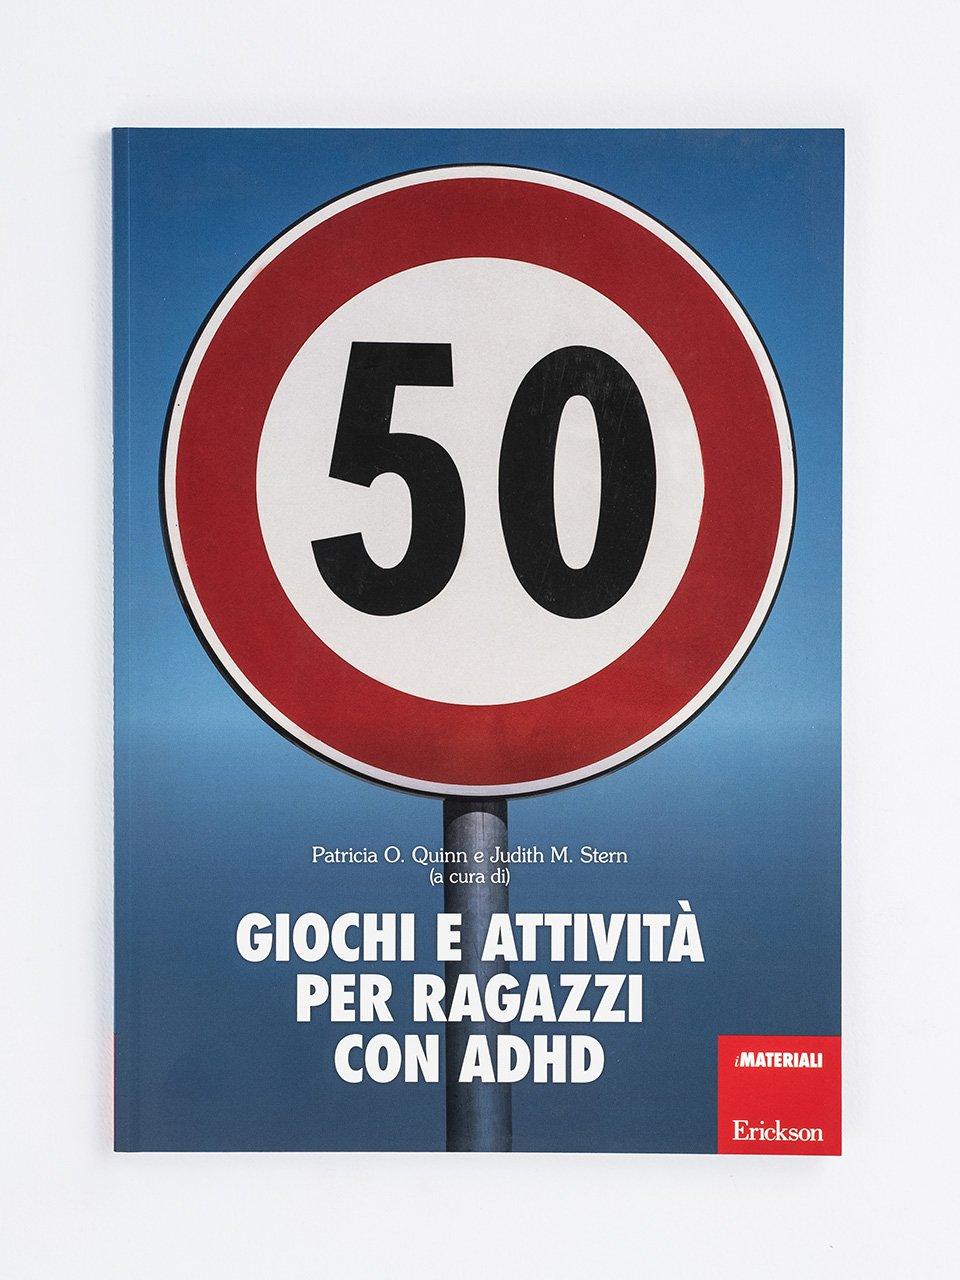 50 giochi e attività per ragazzi con ADHD - Non ci sto più dentro! - Libri - Erickson